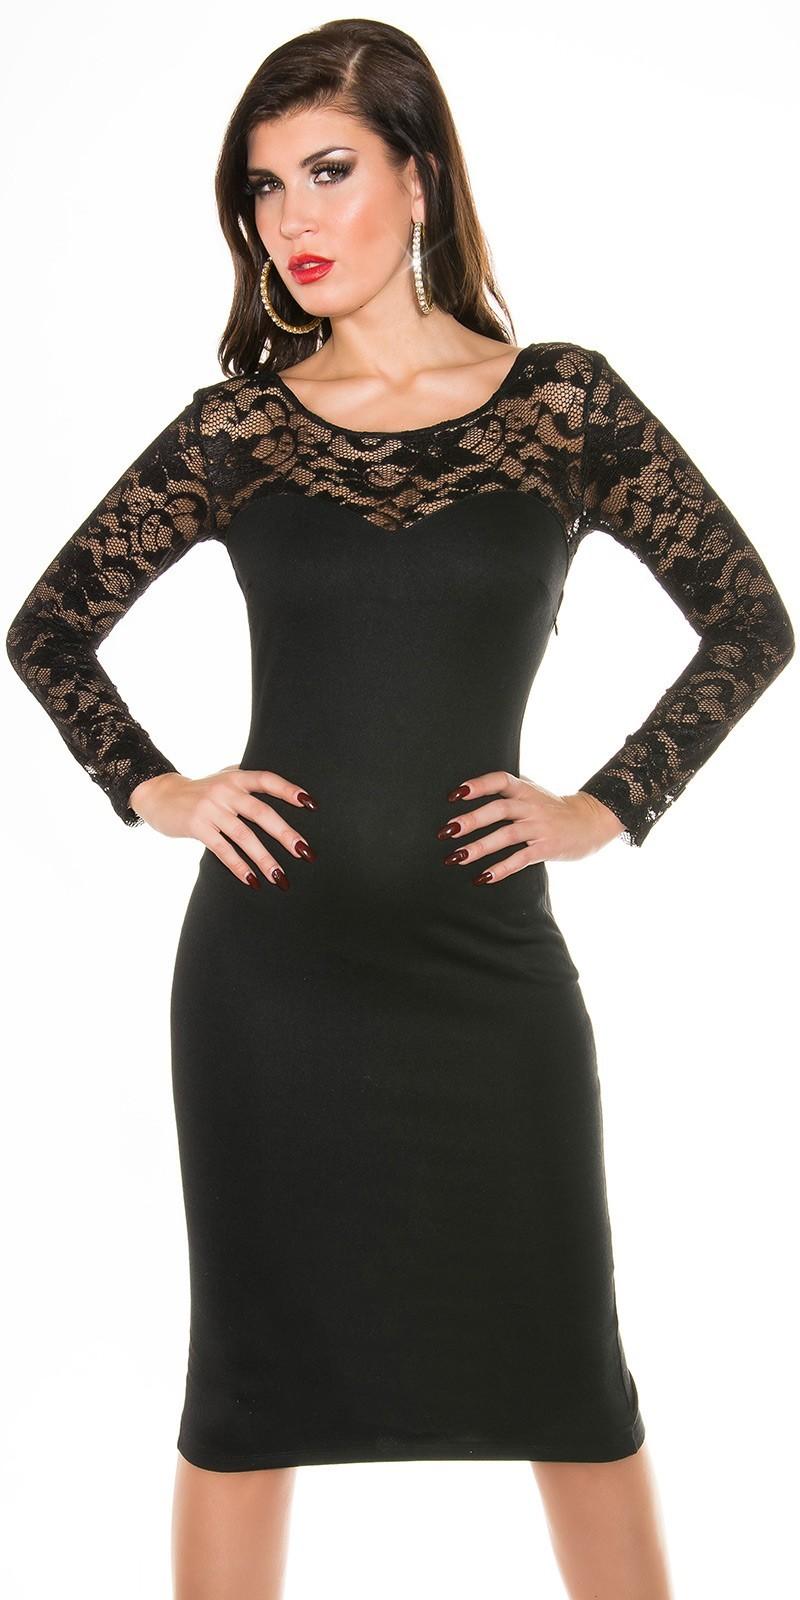 246b6a9103cb Šaty kombinované čipkou Black – Sissy Boutique